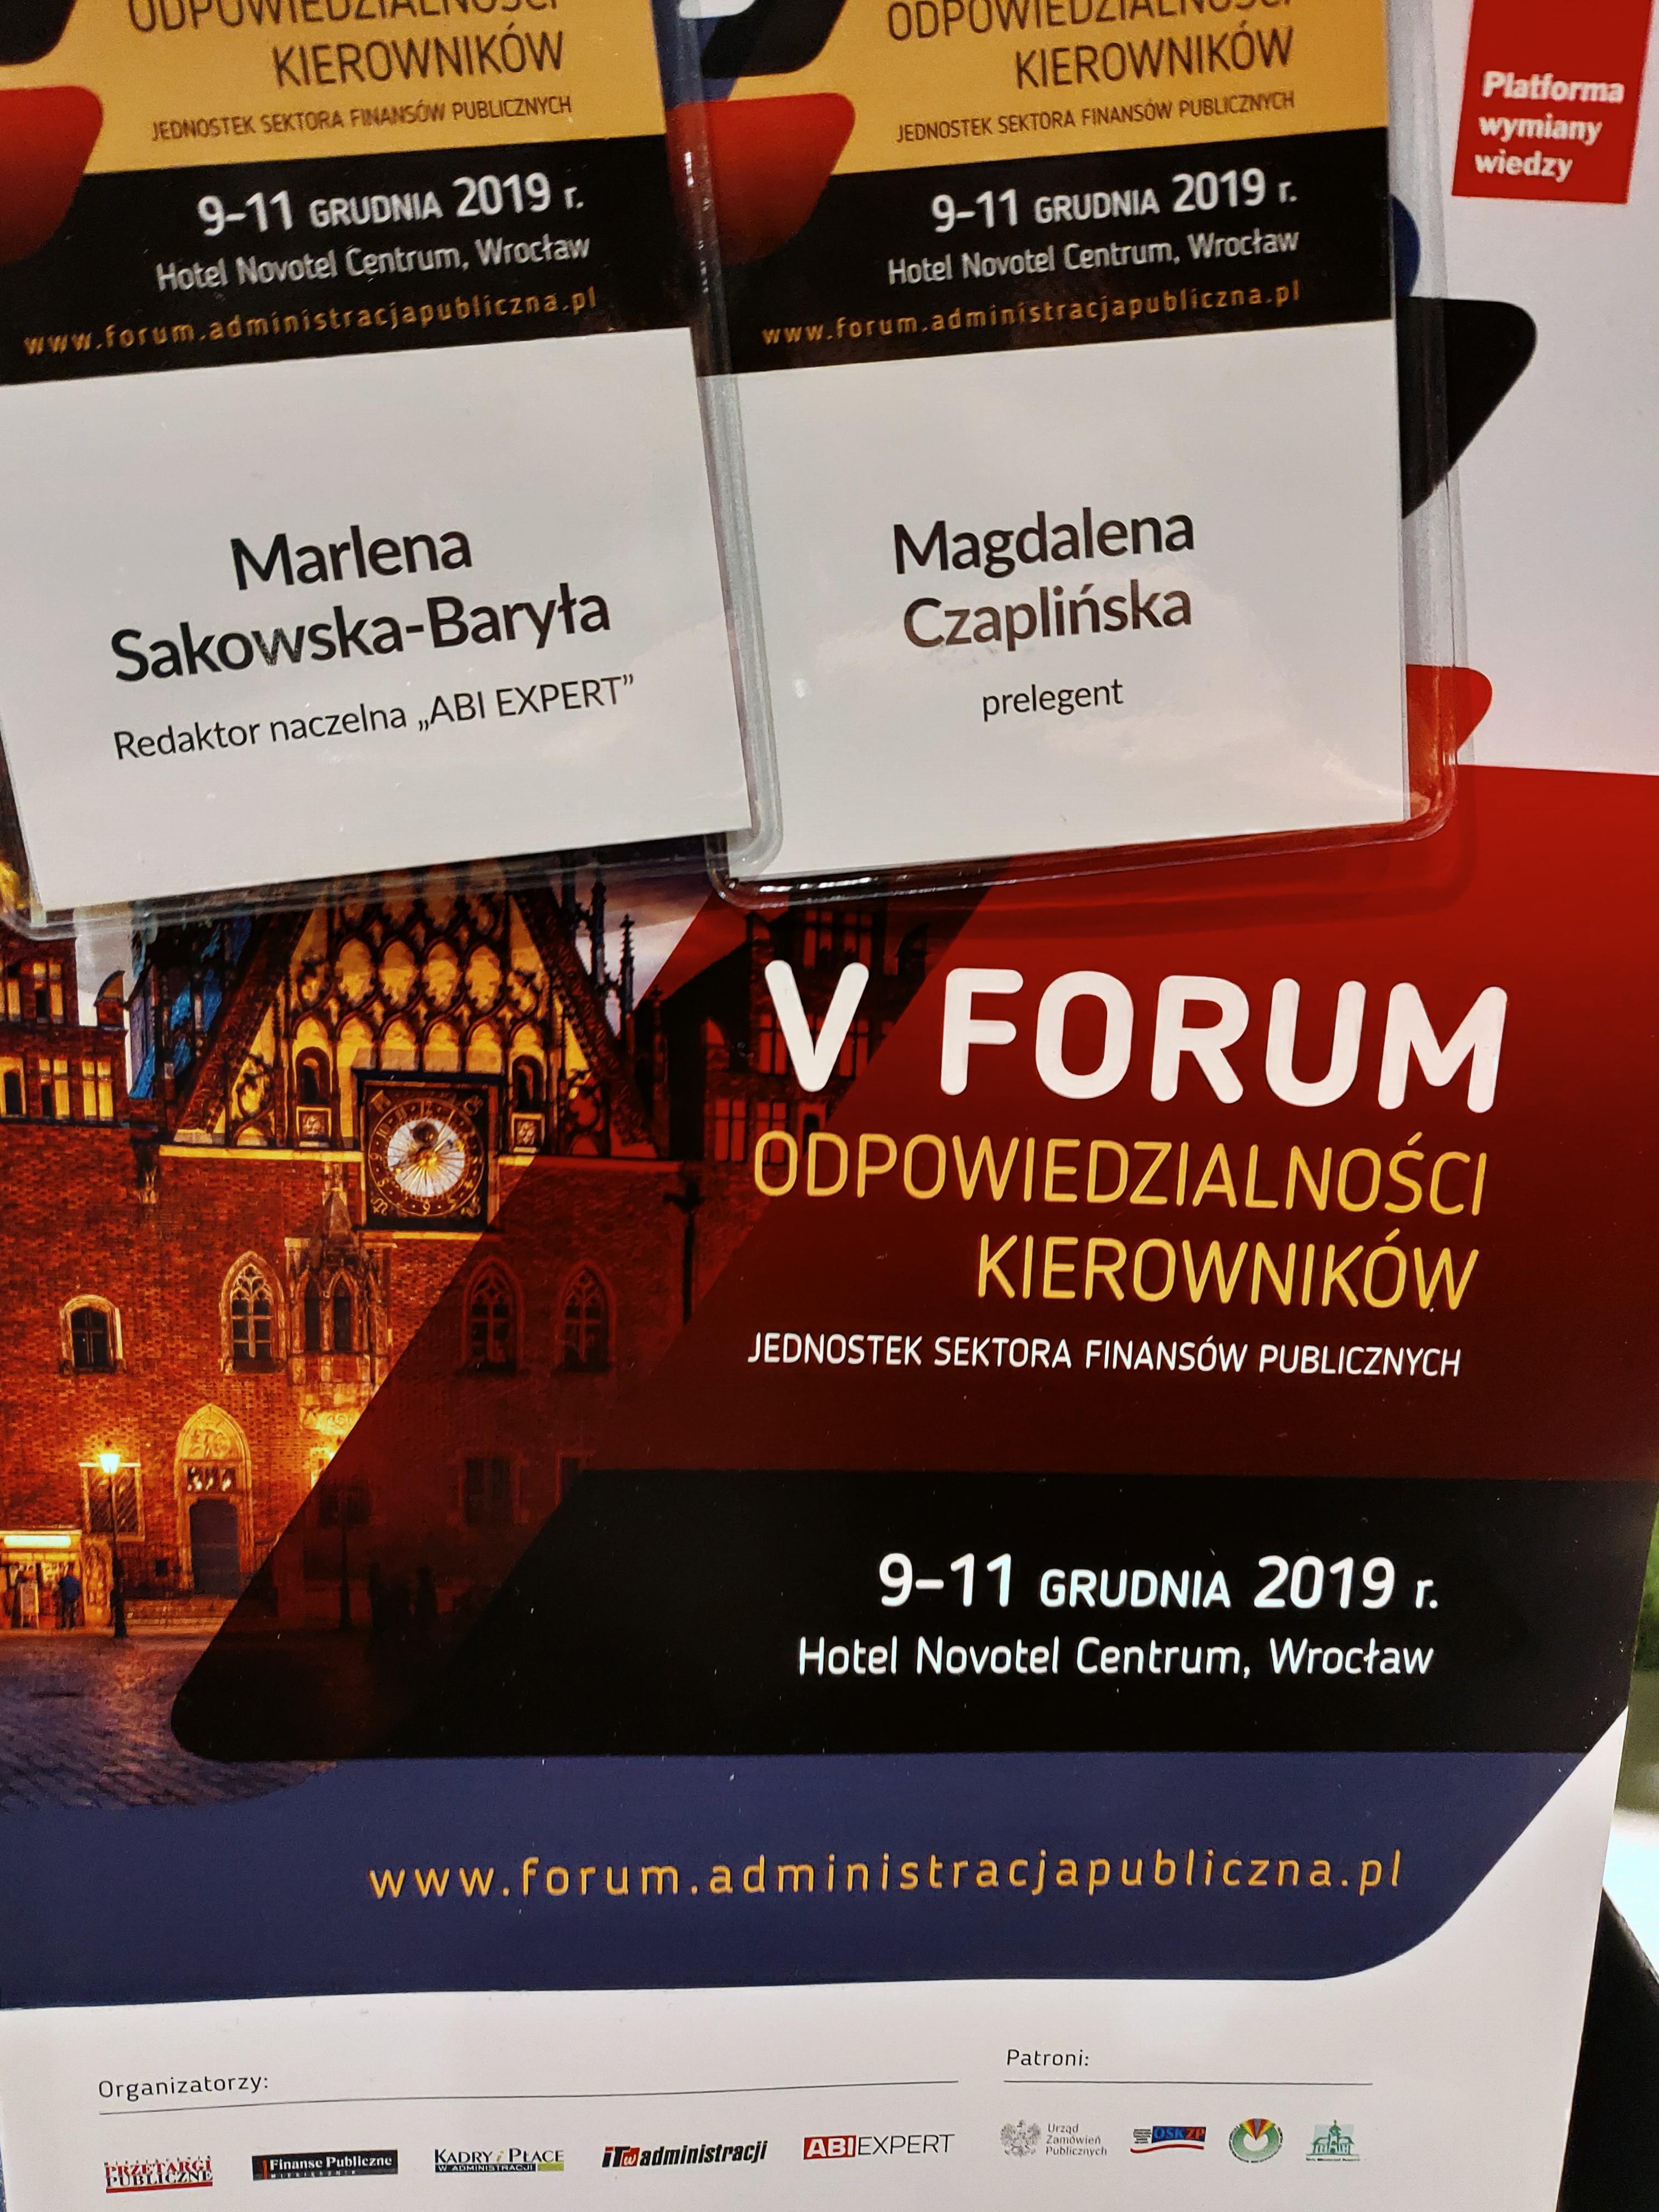 v-forum-odpowiedzialnosci-kierownikow-jsfp